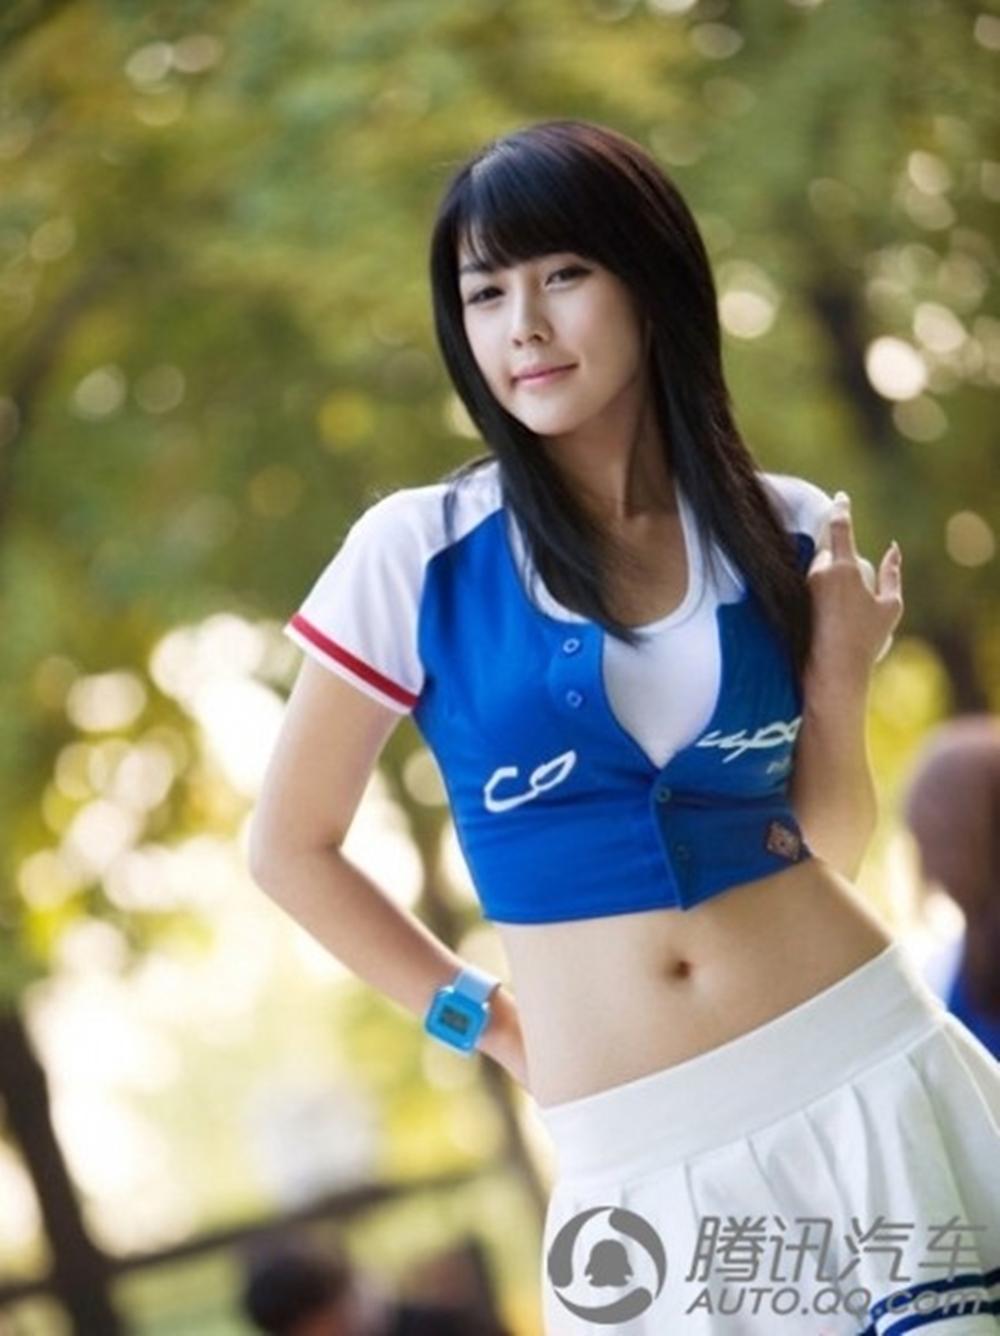 พริตตี้เกาหลี